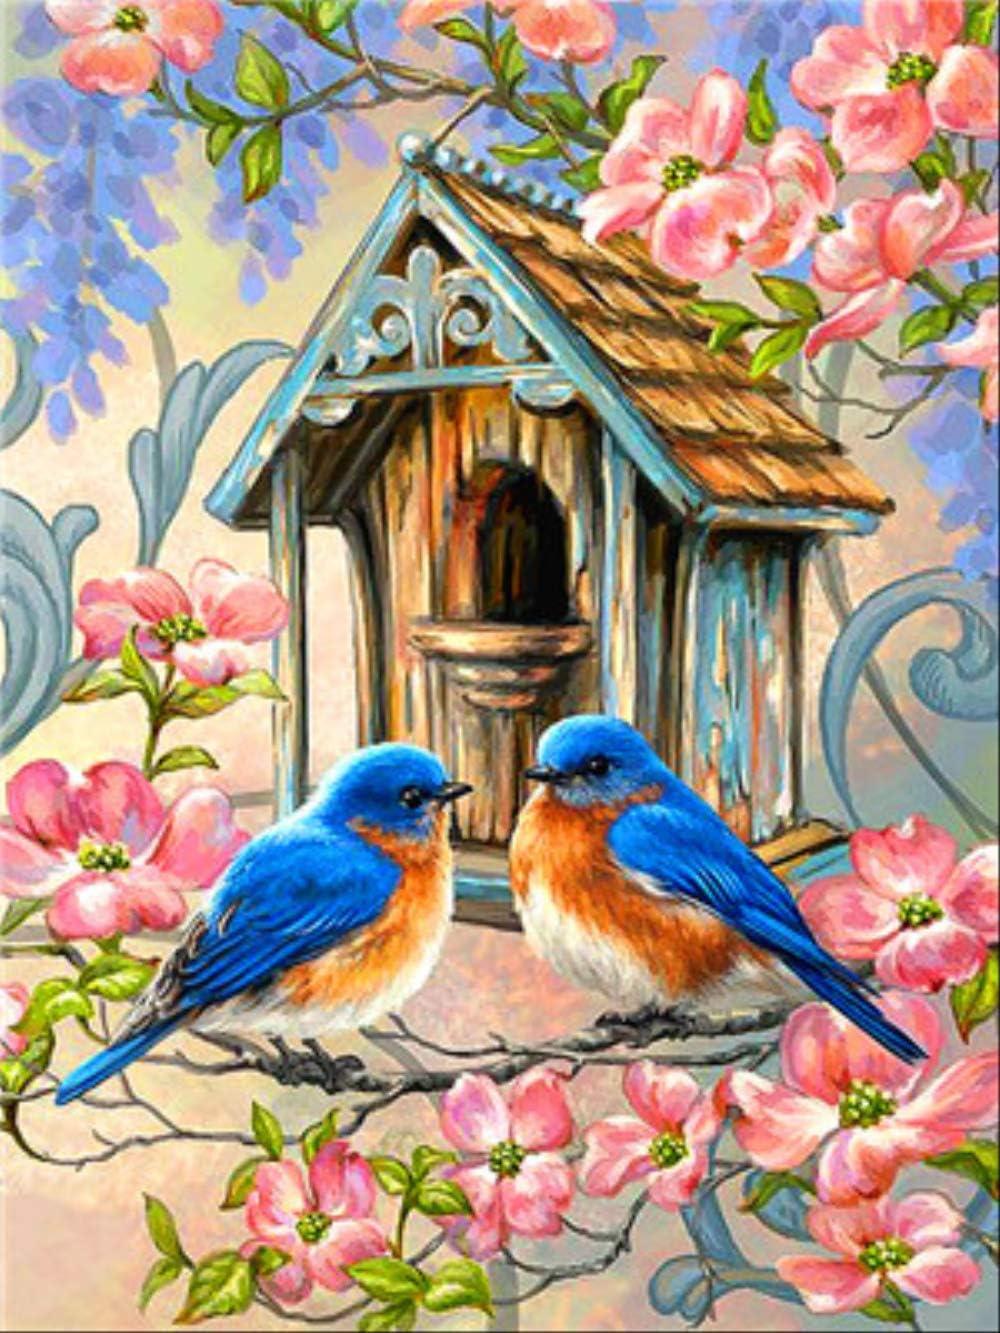 DUKEMG Nido de pájaro Pintura al óleo de Bricolaje Pintura por Kits de números Lienzo Arte de la Pared decoración del hogar para Adultos niños Principiantes Regalo 40x50cm con Pinceles enmarcados